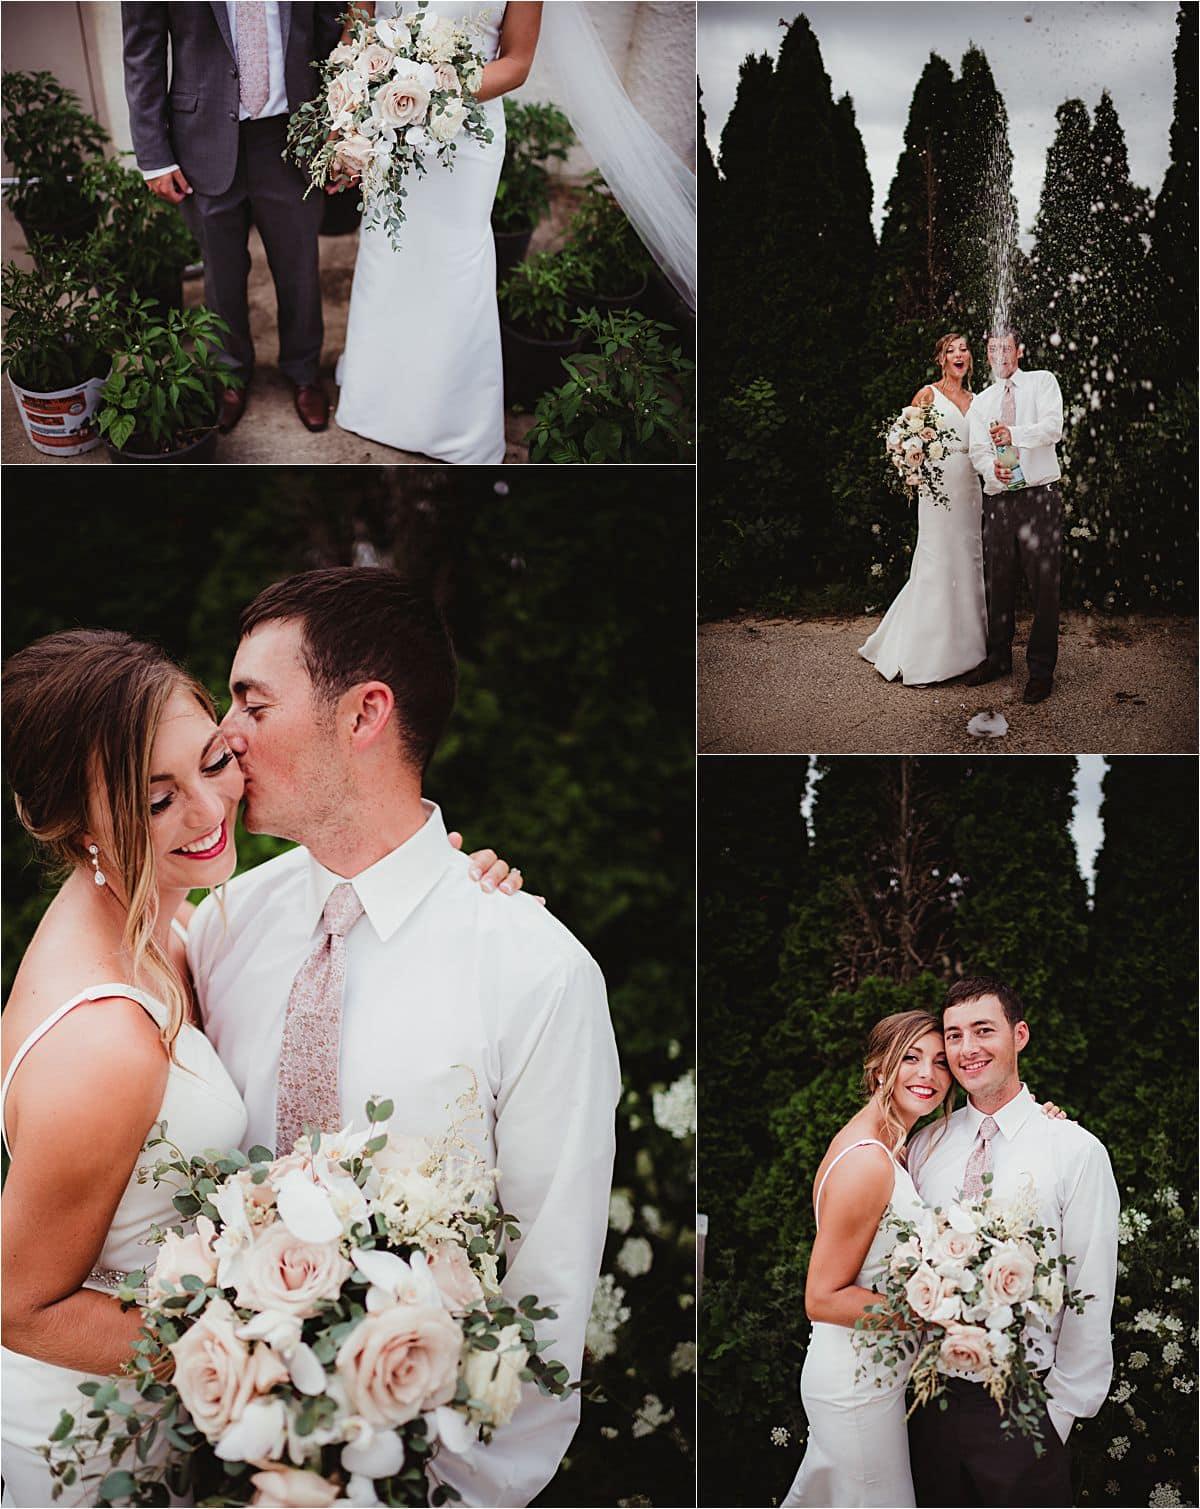 Cranberry Mauve and Blush Color Palette Bride and Groom Portraits